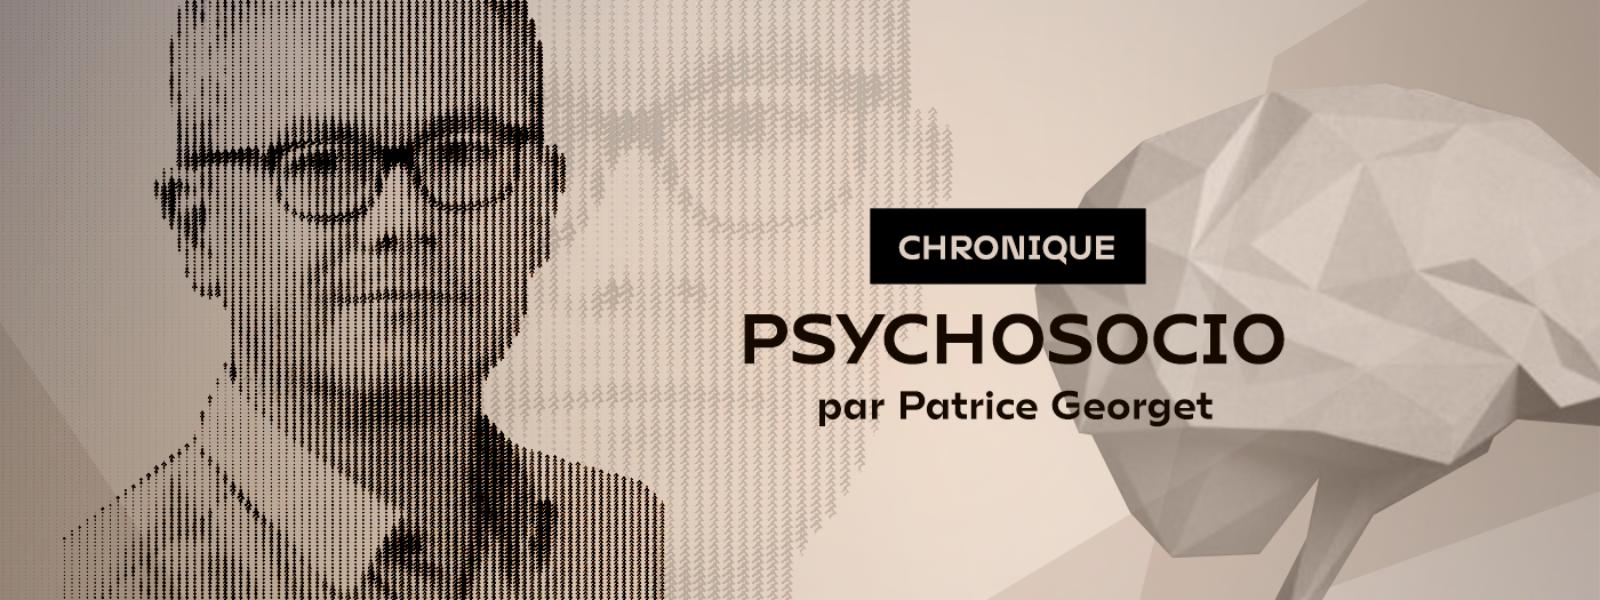 Patrice Georget – chronique